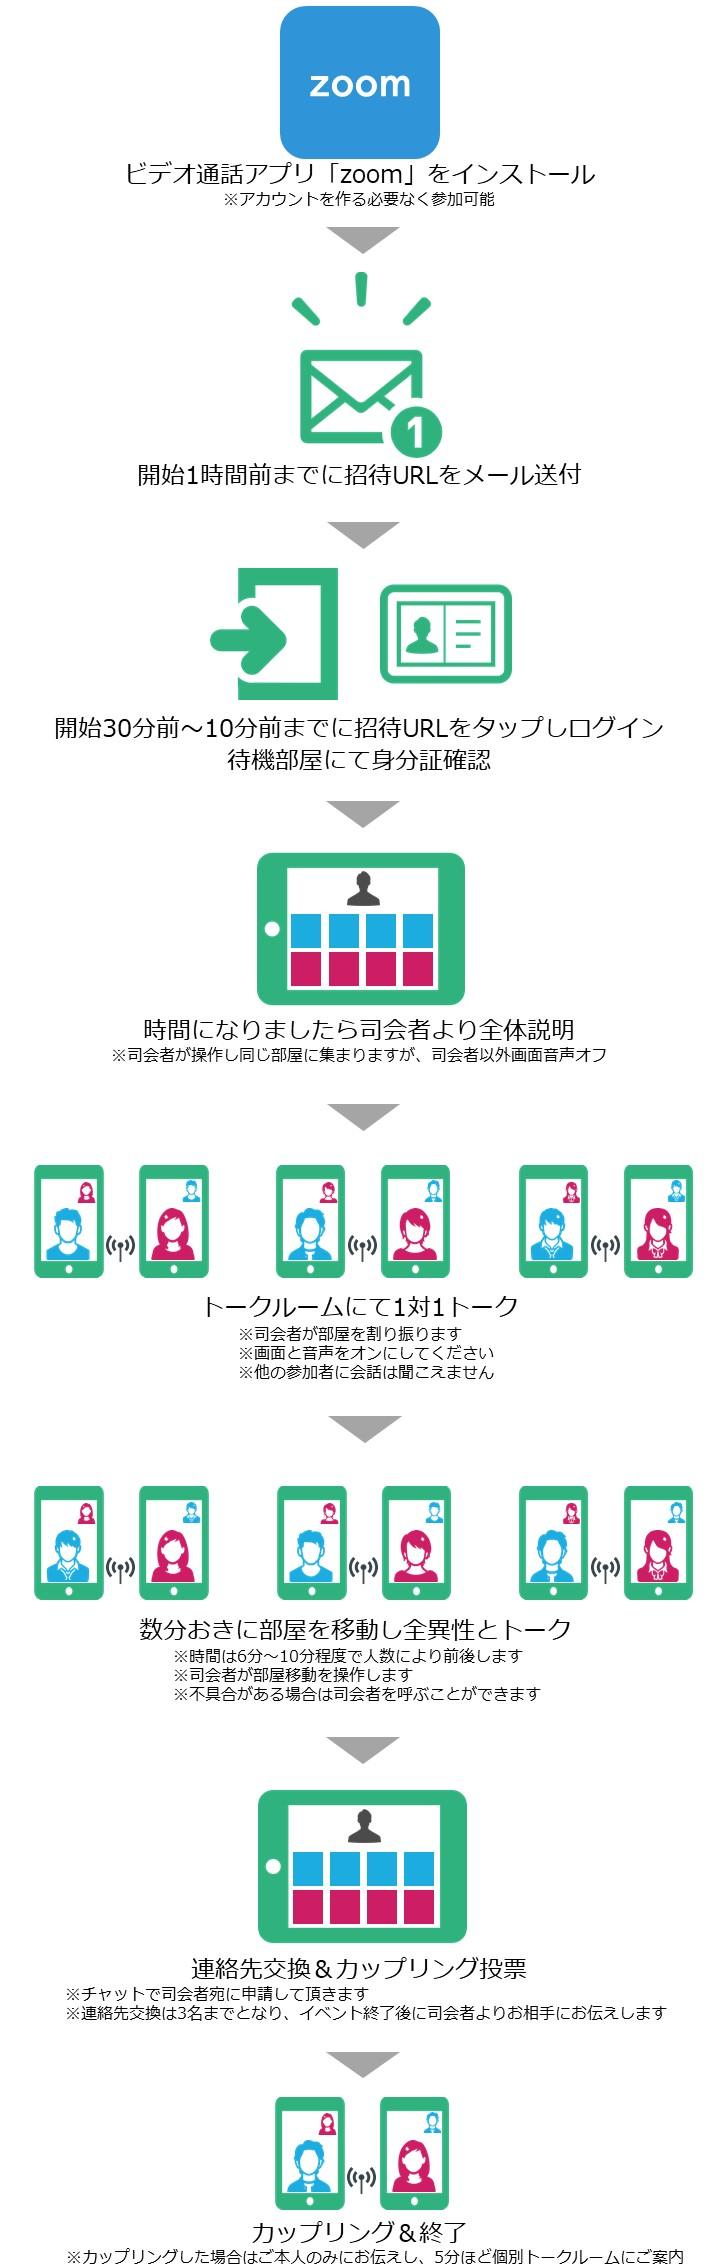 オンライン婚活の流れ 神奈川 平塚